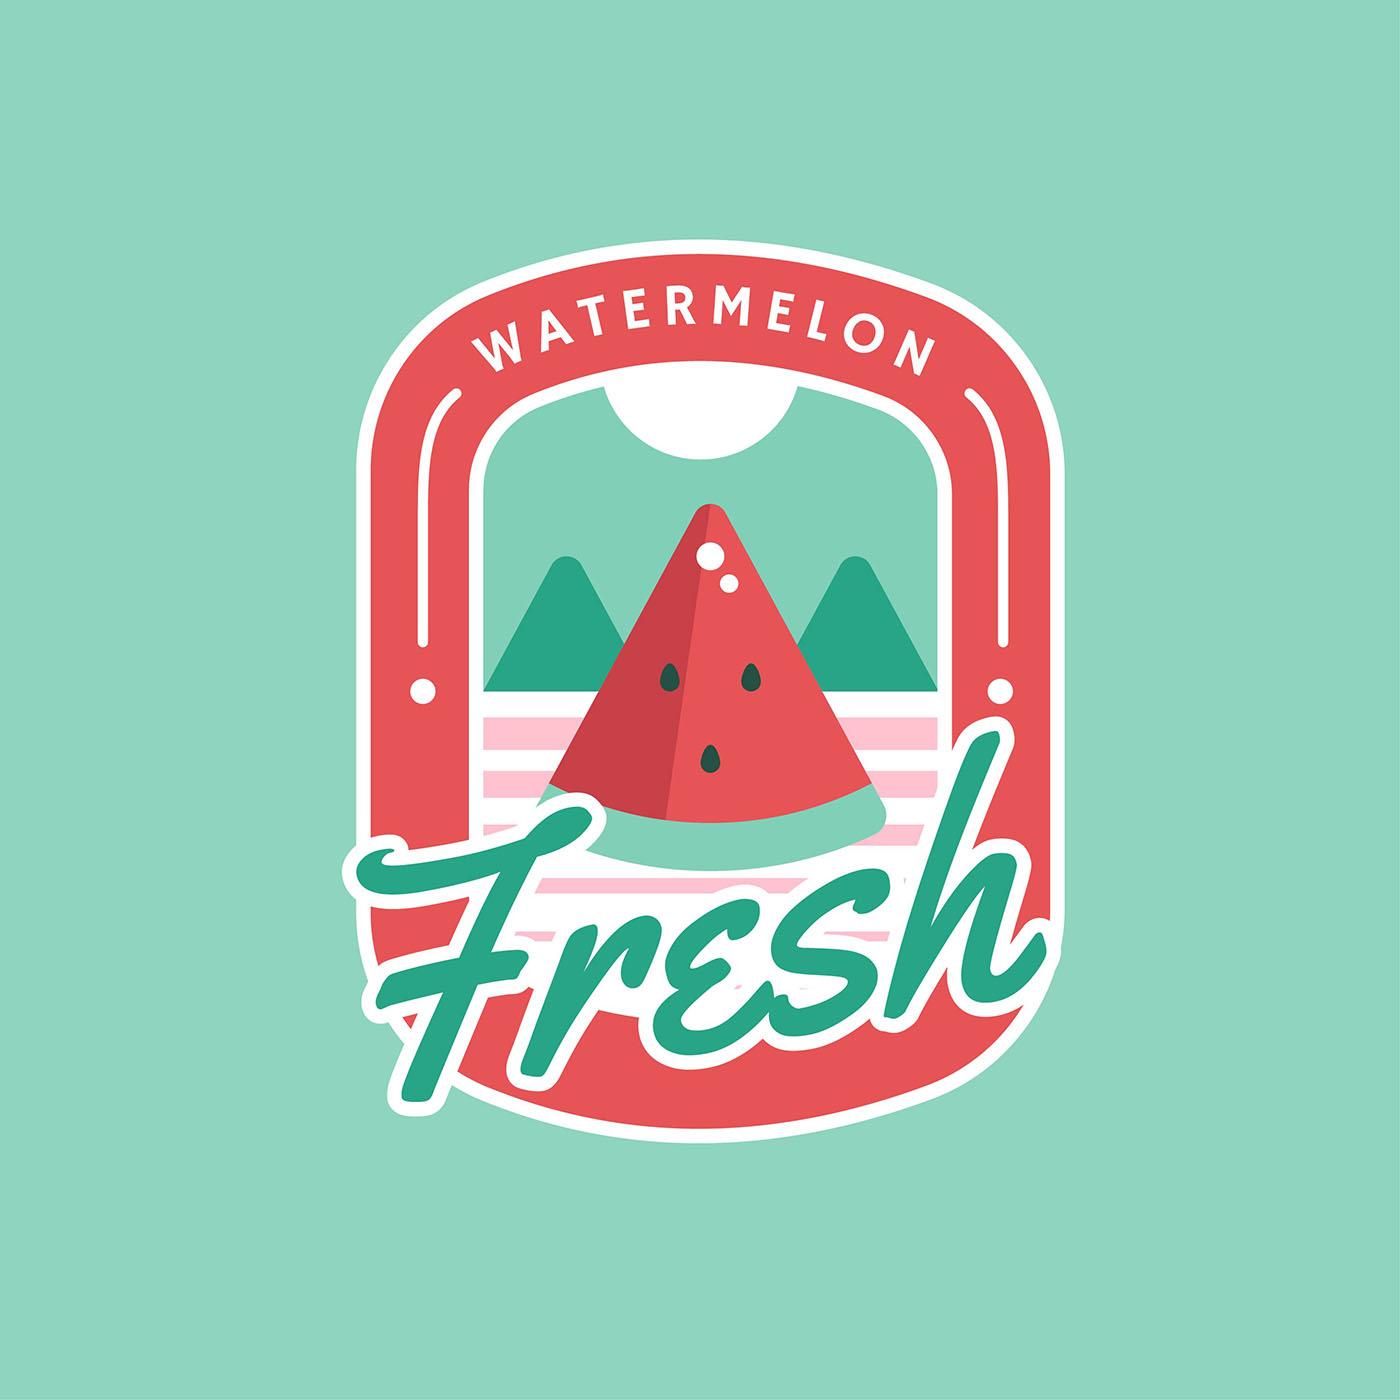 水果logo 免費下載 | 天天瘋後製